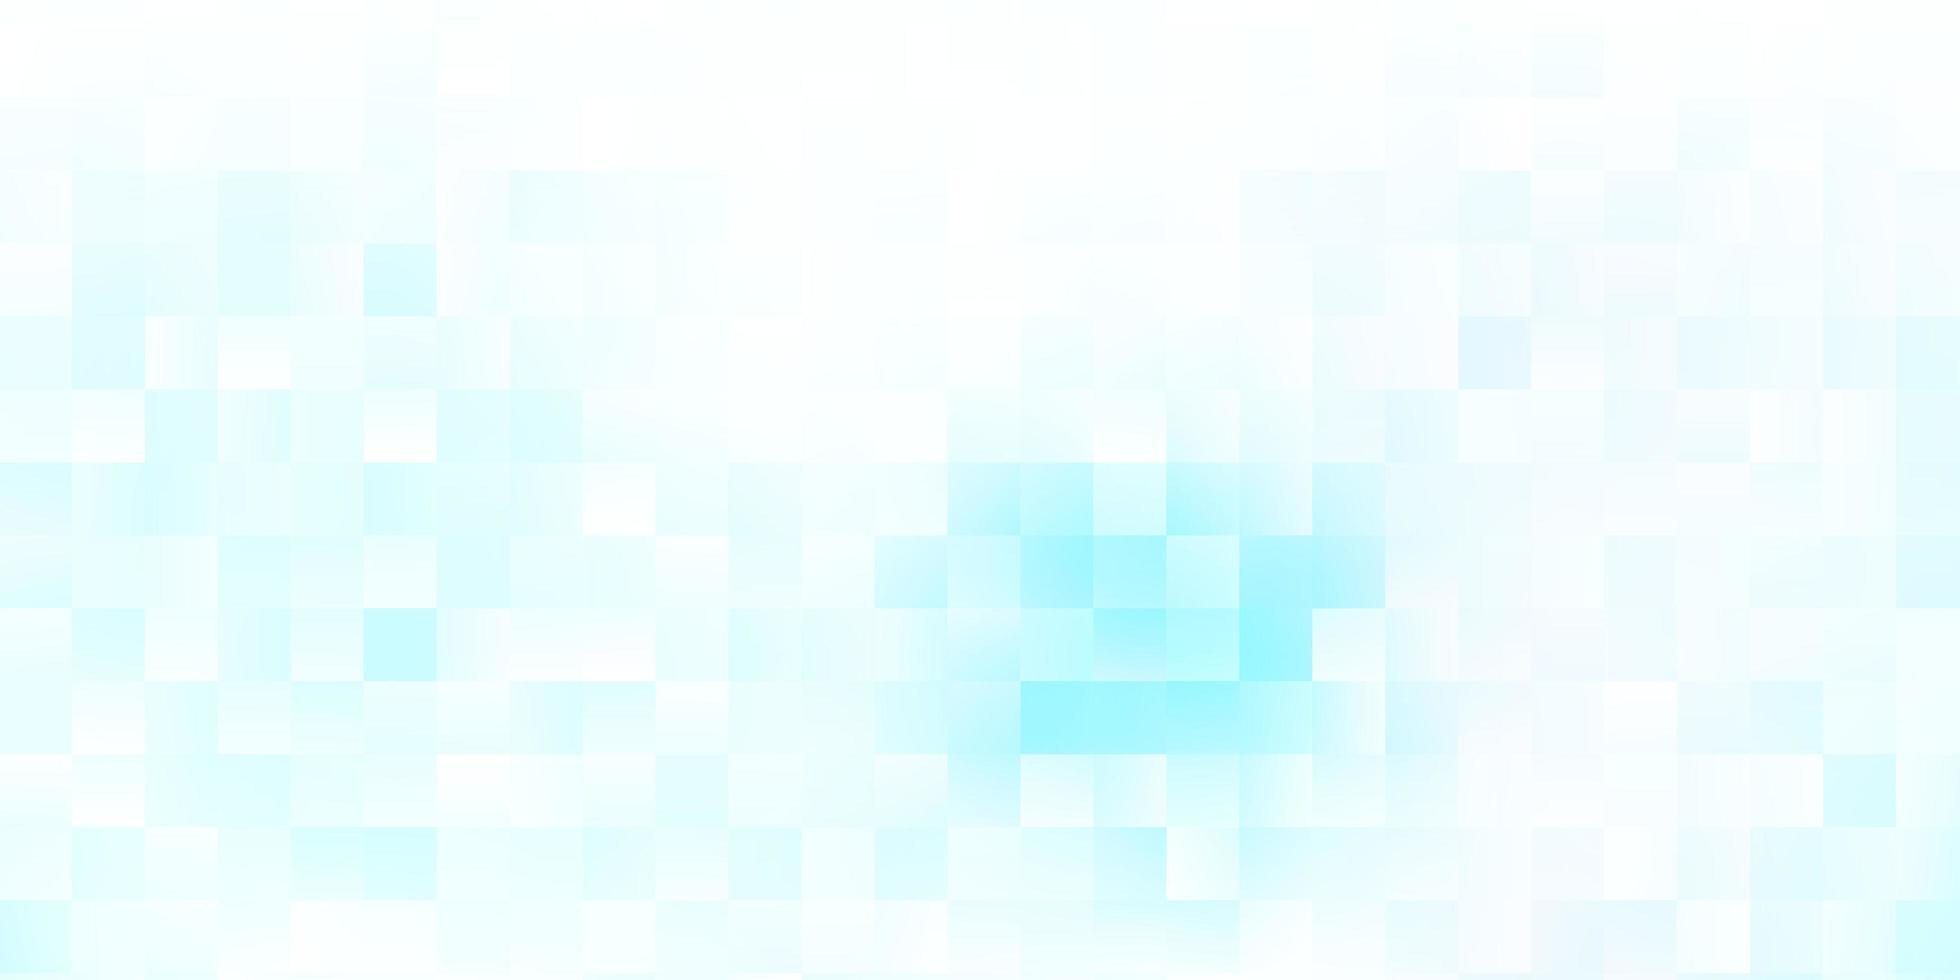 modelo de vetor roxo claro com formas abstratas.